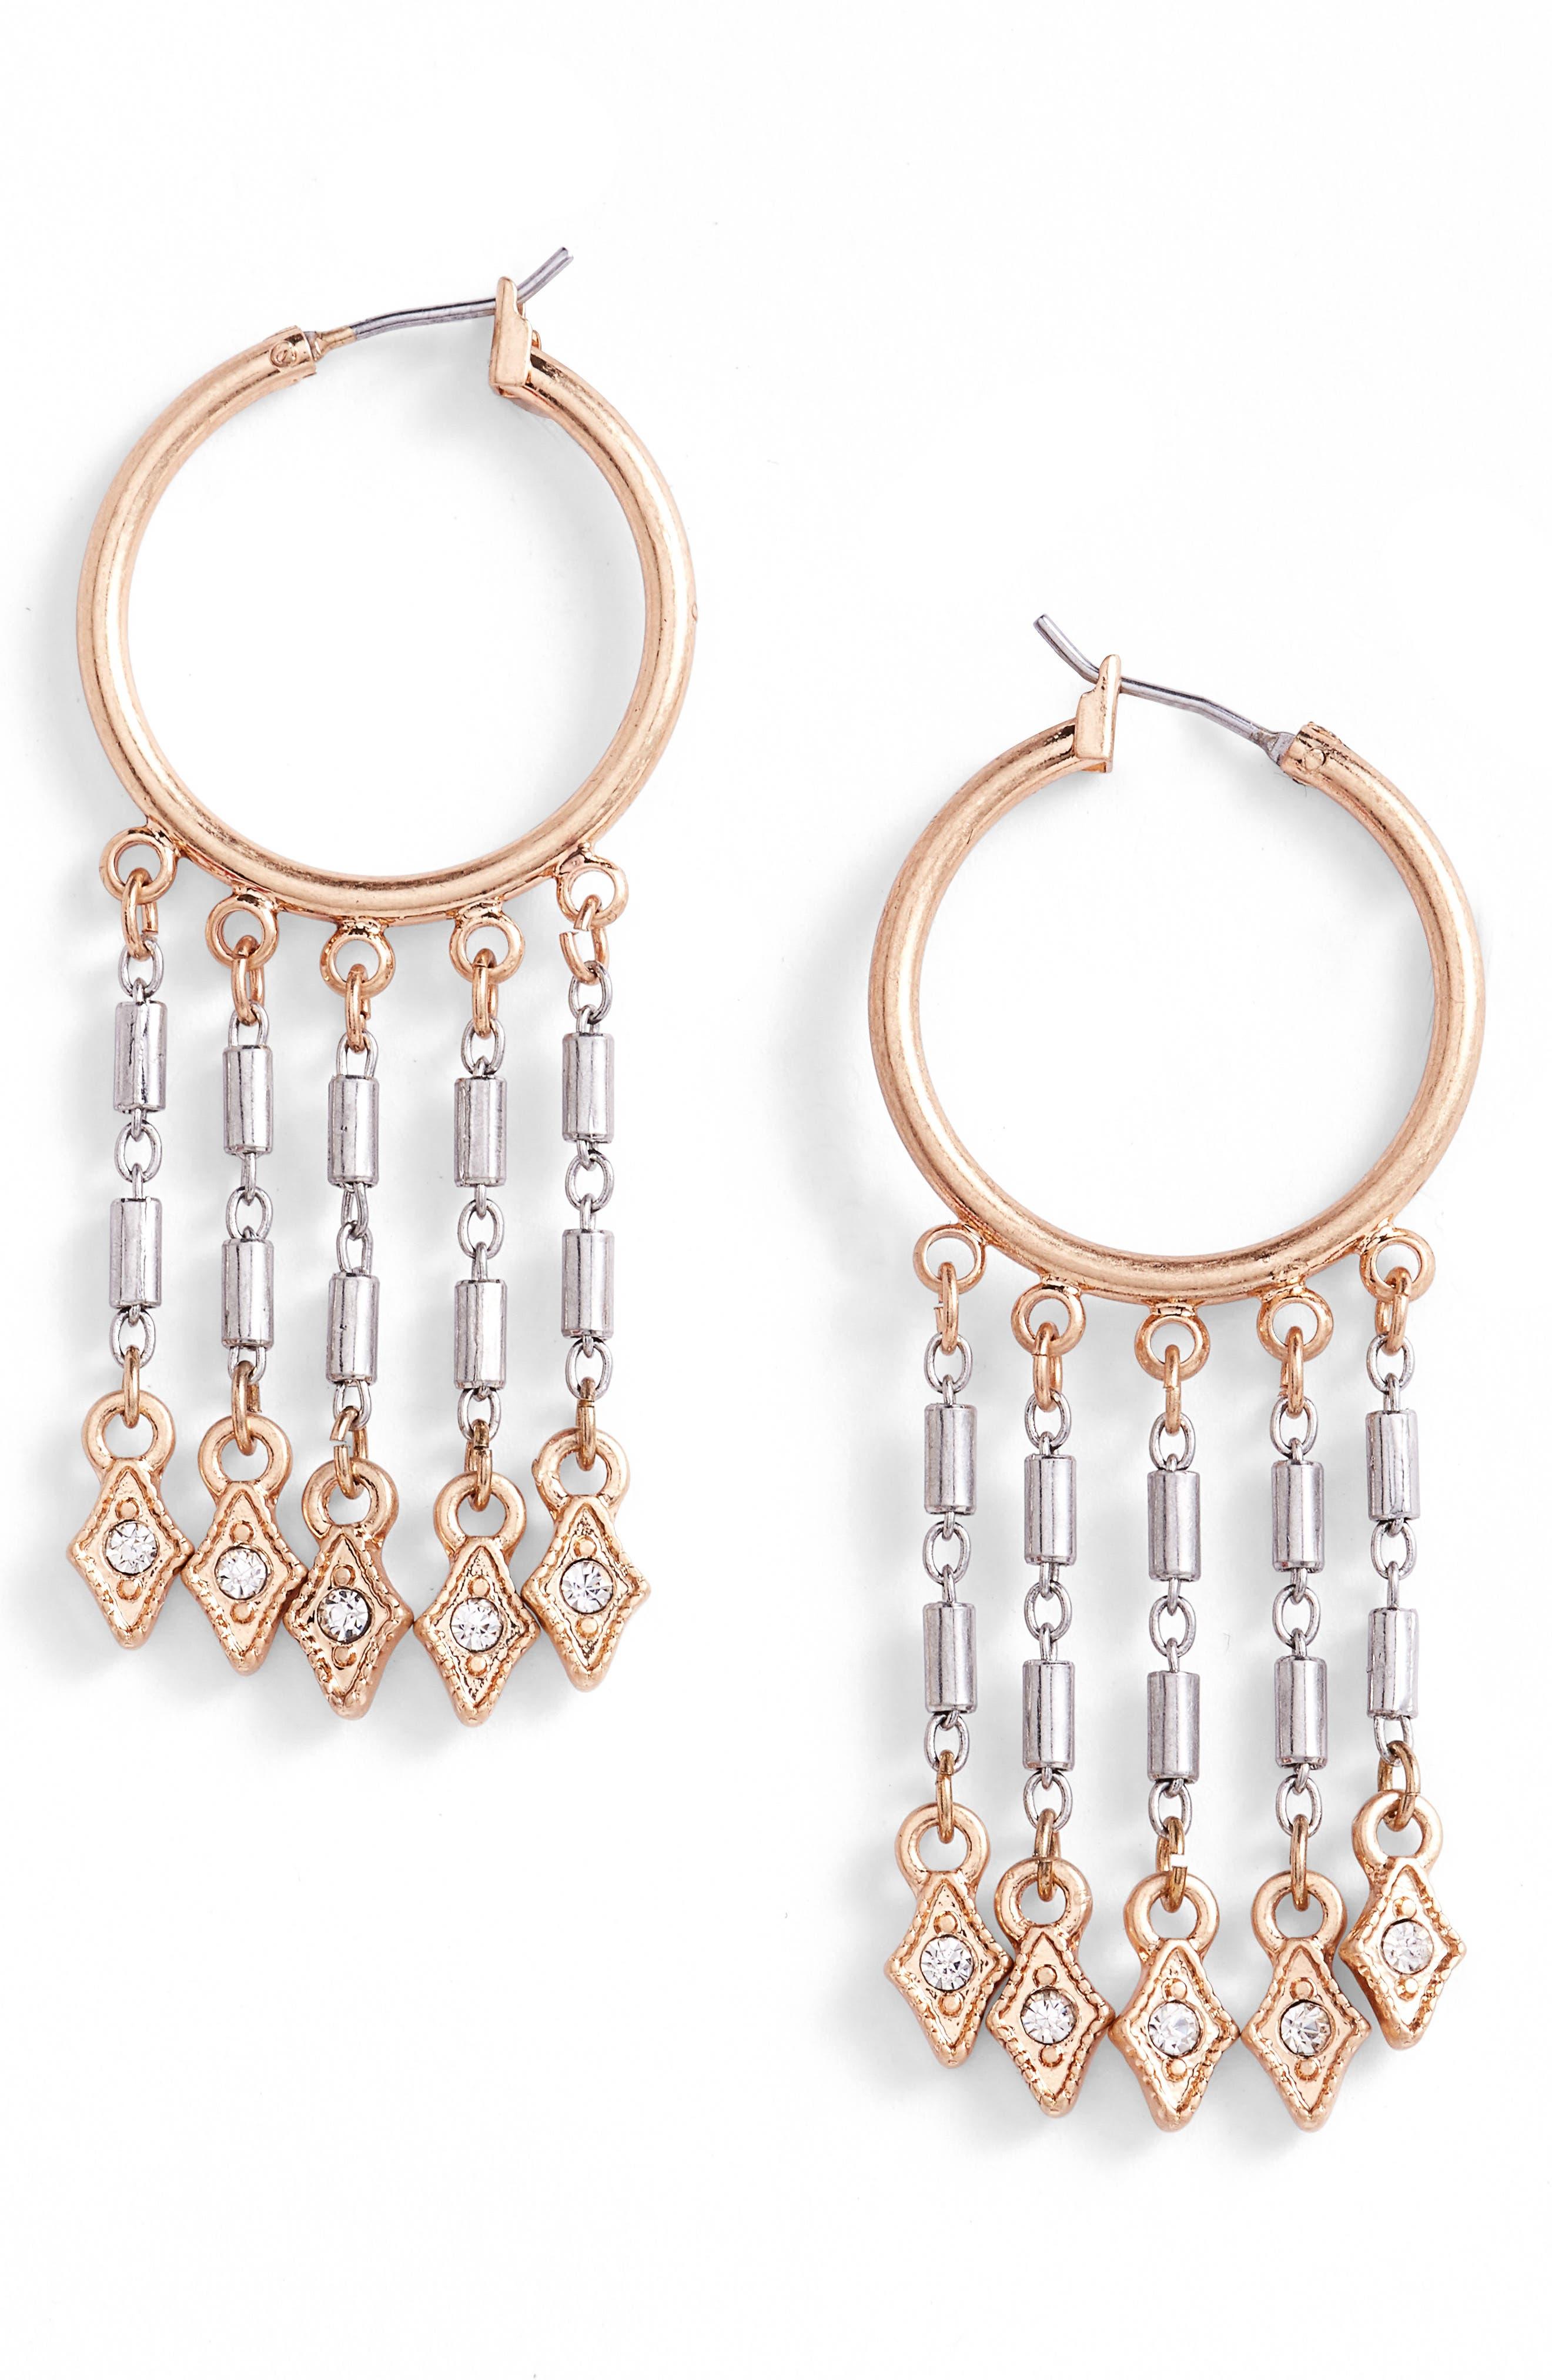 Medium Fringe Hoop Earrings,                             Main thumbnail 1, color,                             040